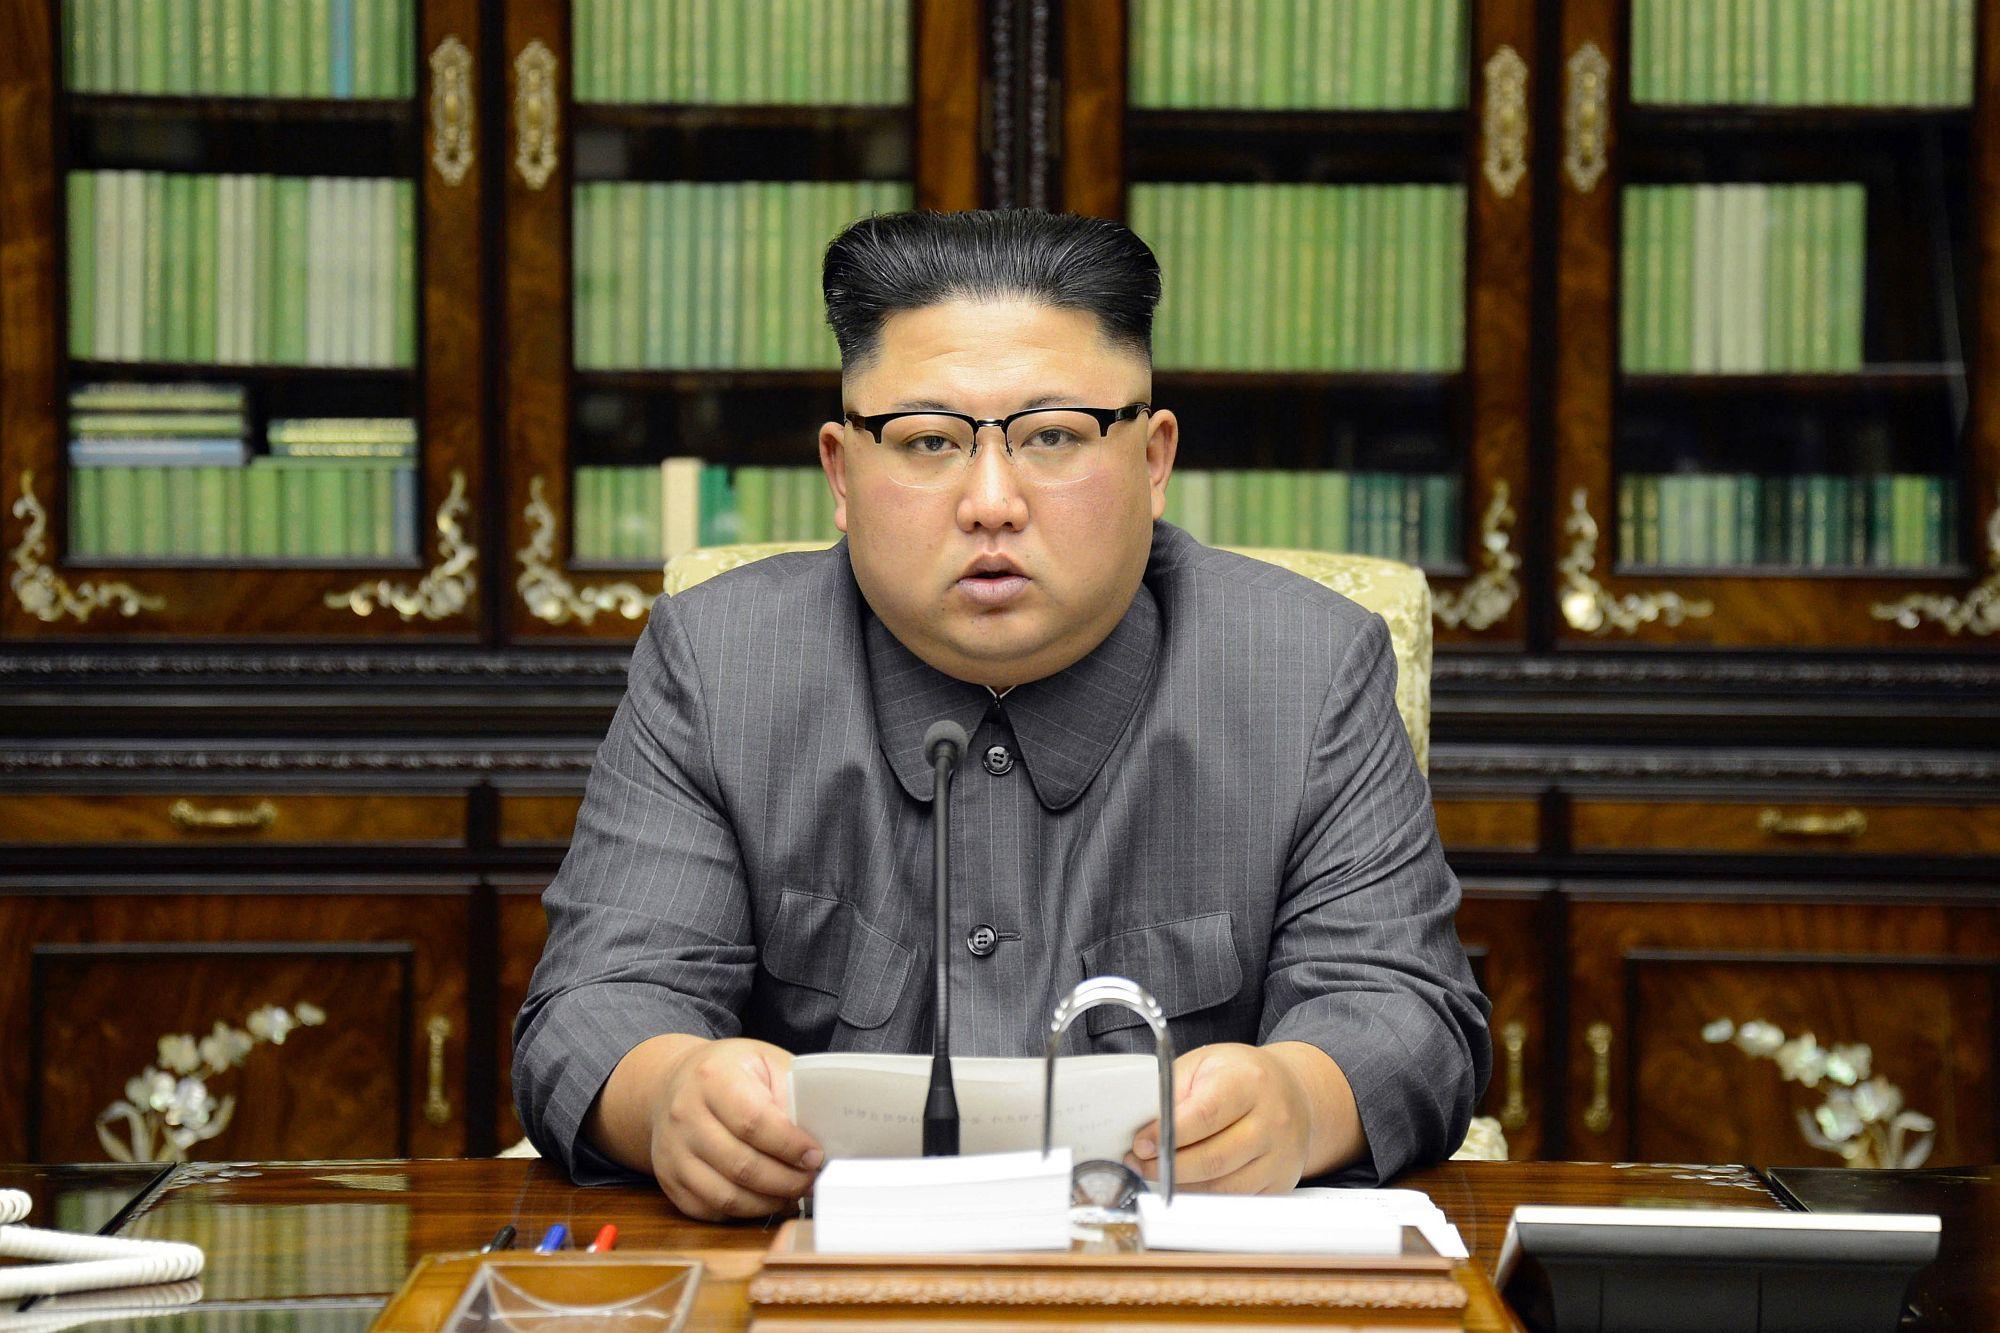 A KCNA észak-koreai hírügynökség által közreadott képen Kim Dzsong Un beszédet mond Phenjanban, 2017. szeptember 21-én. EPA/KCNA